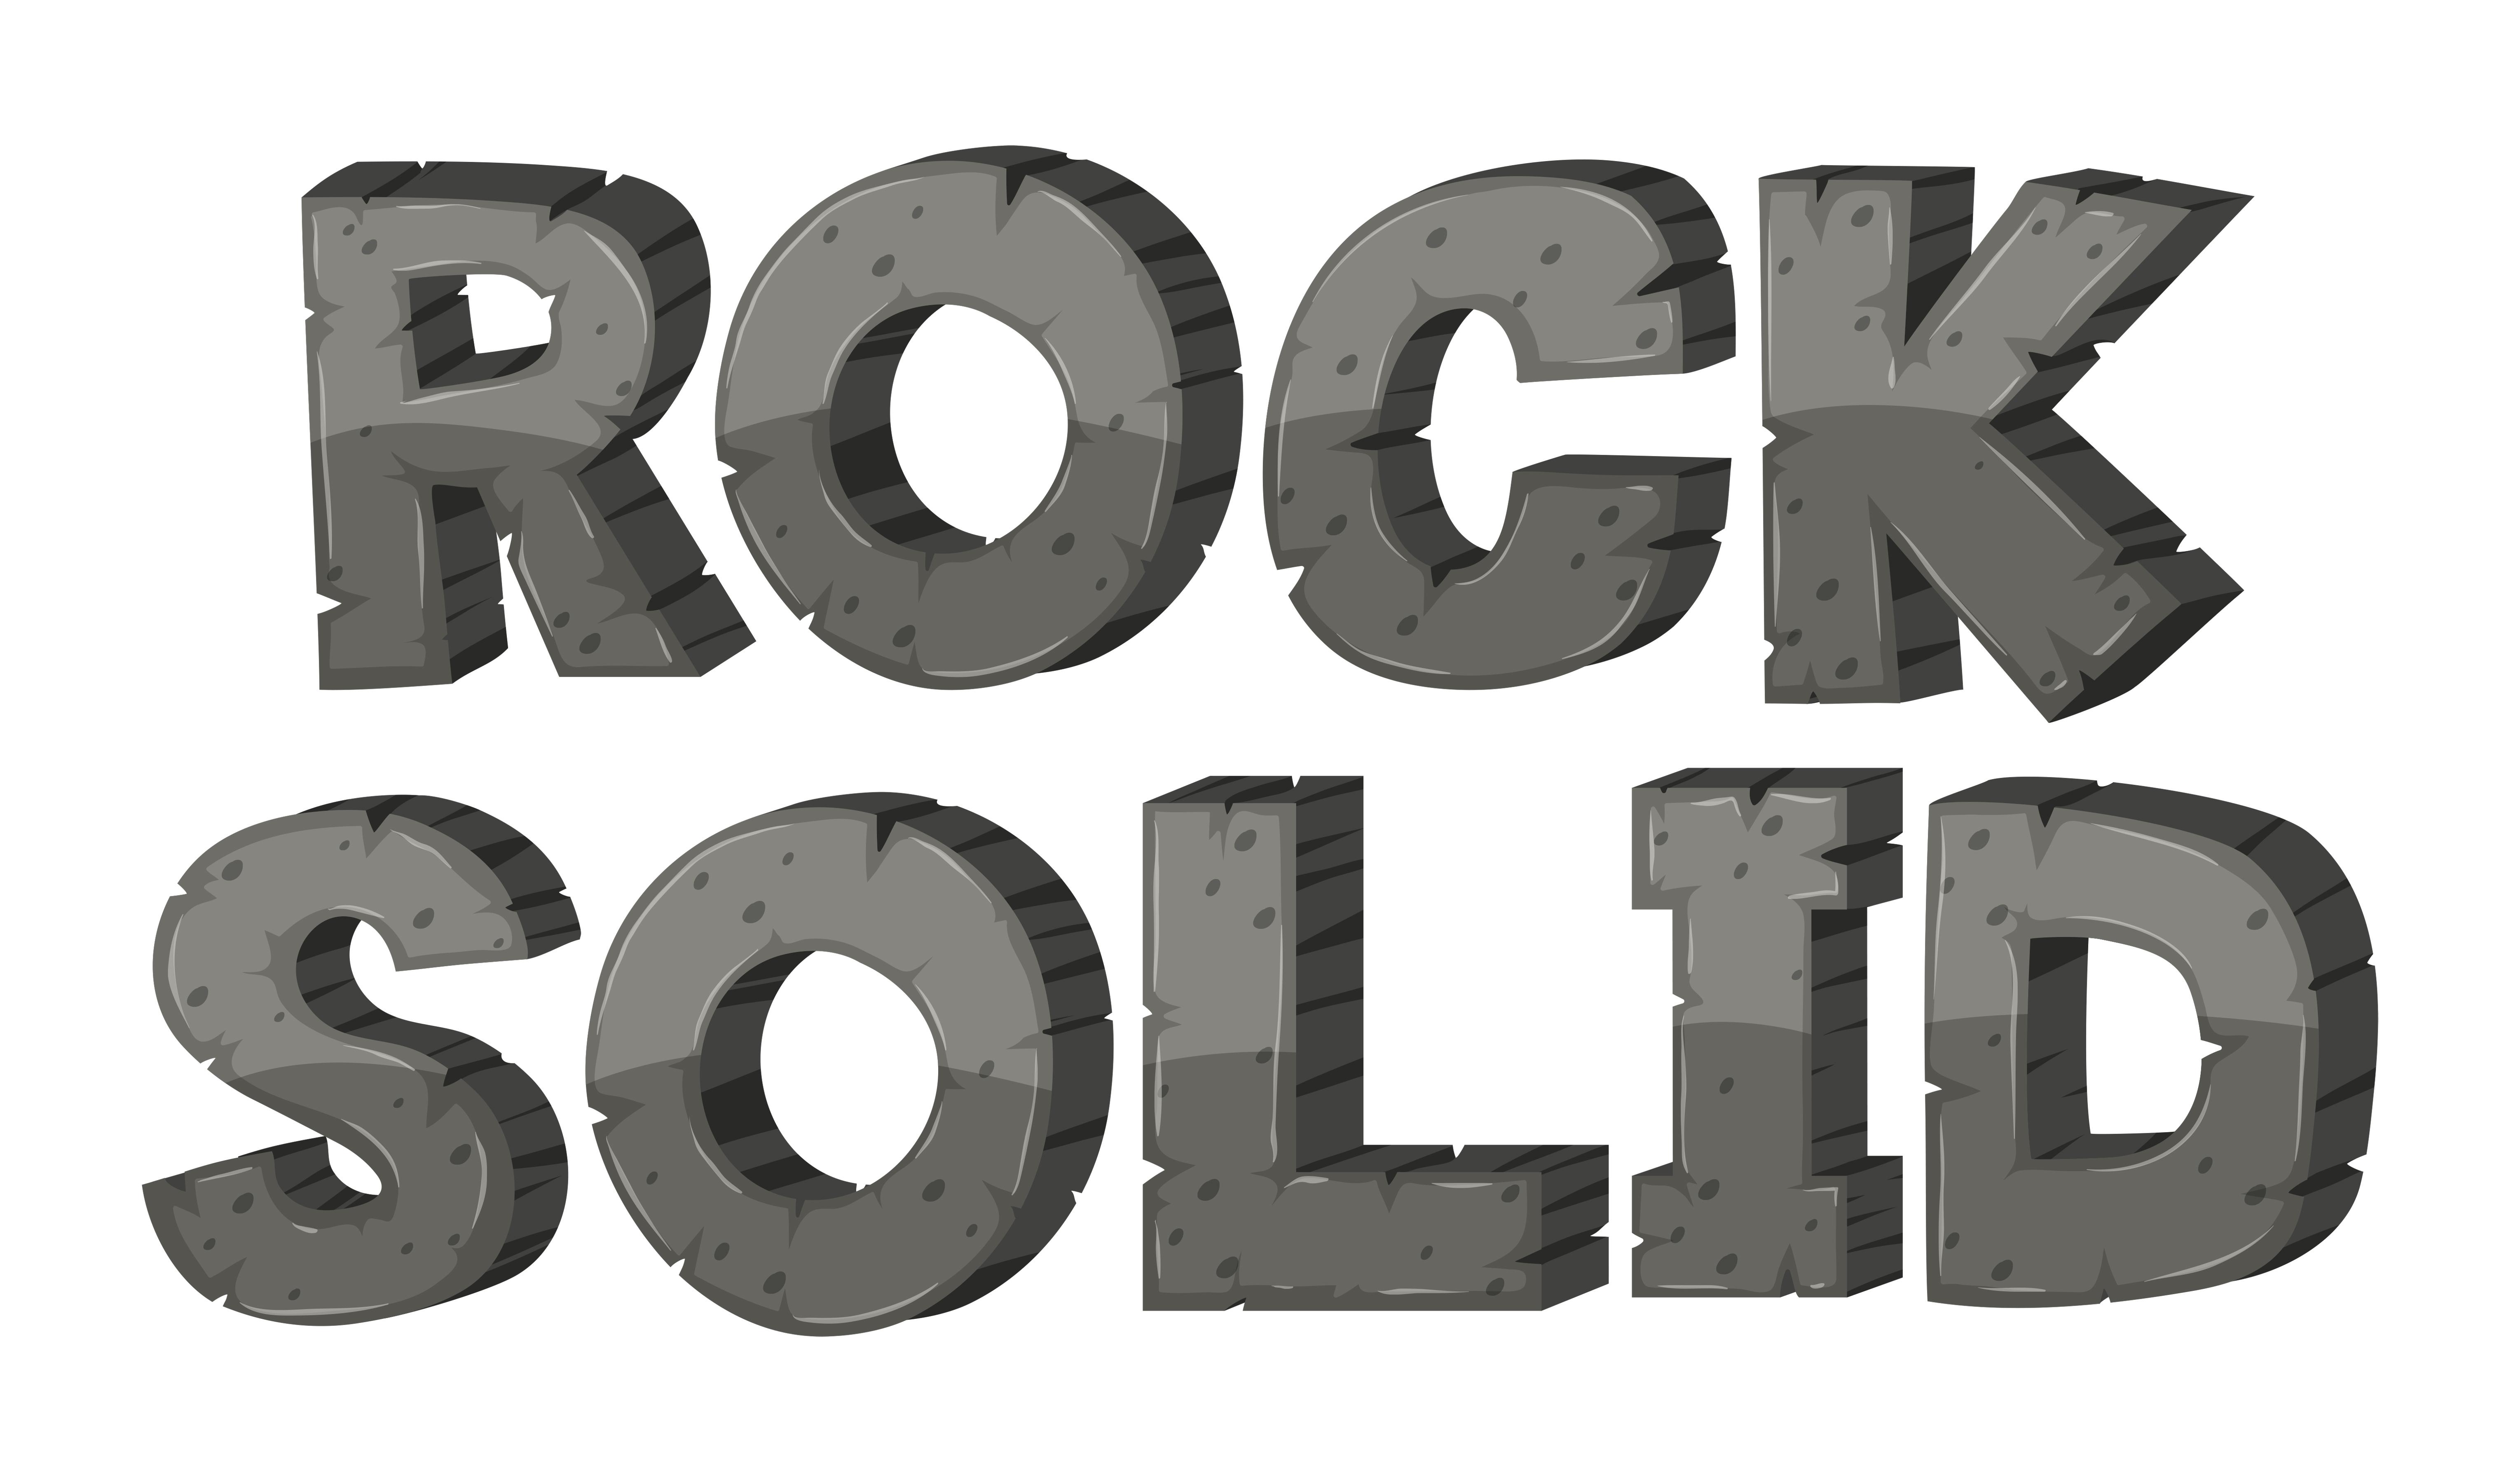 font design for rock solid